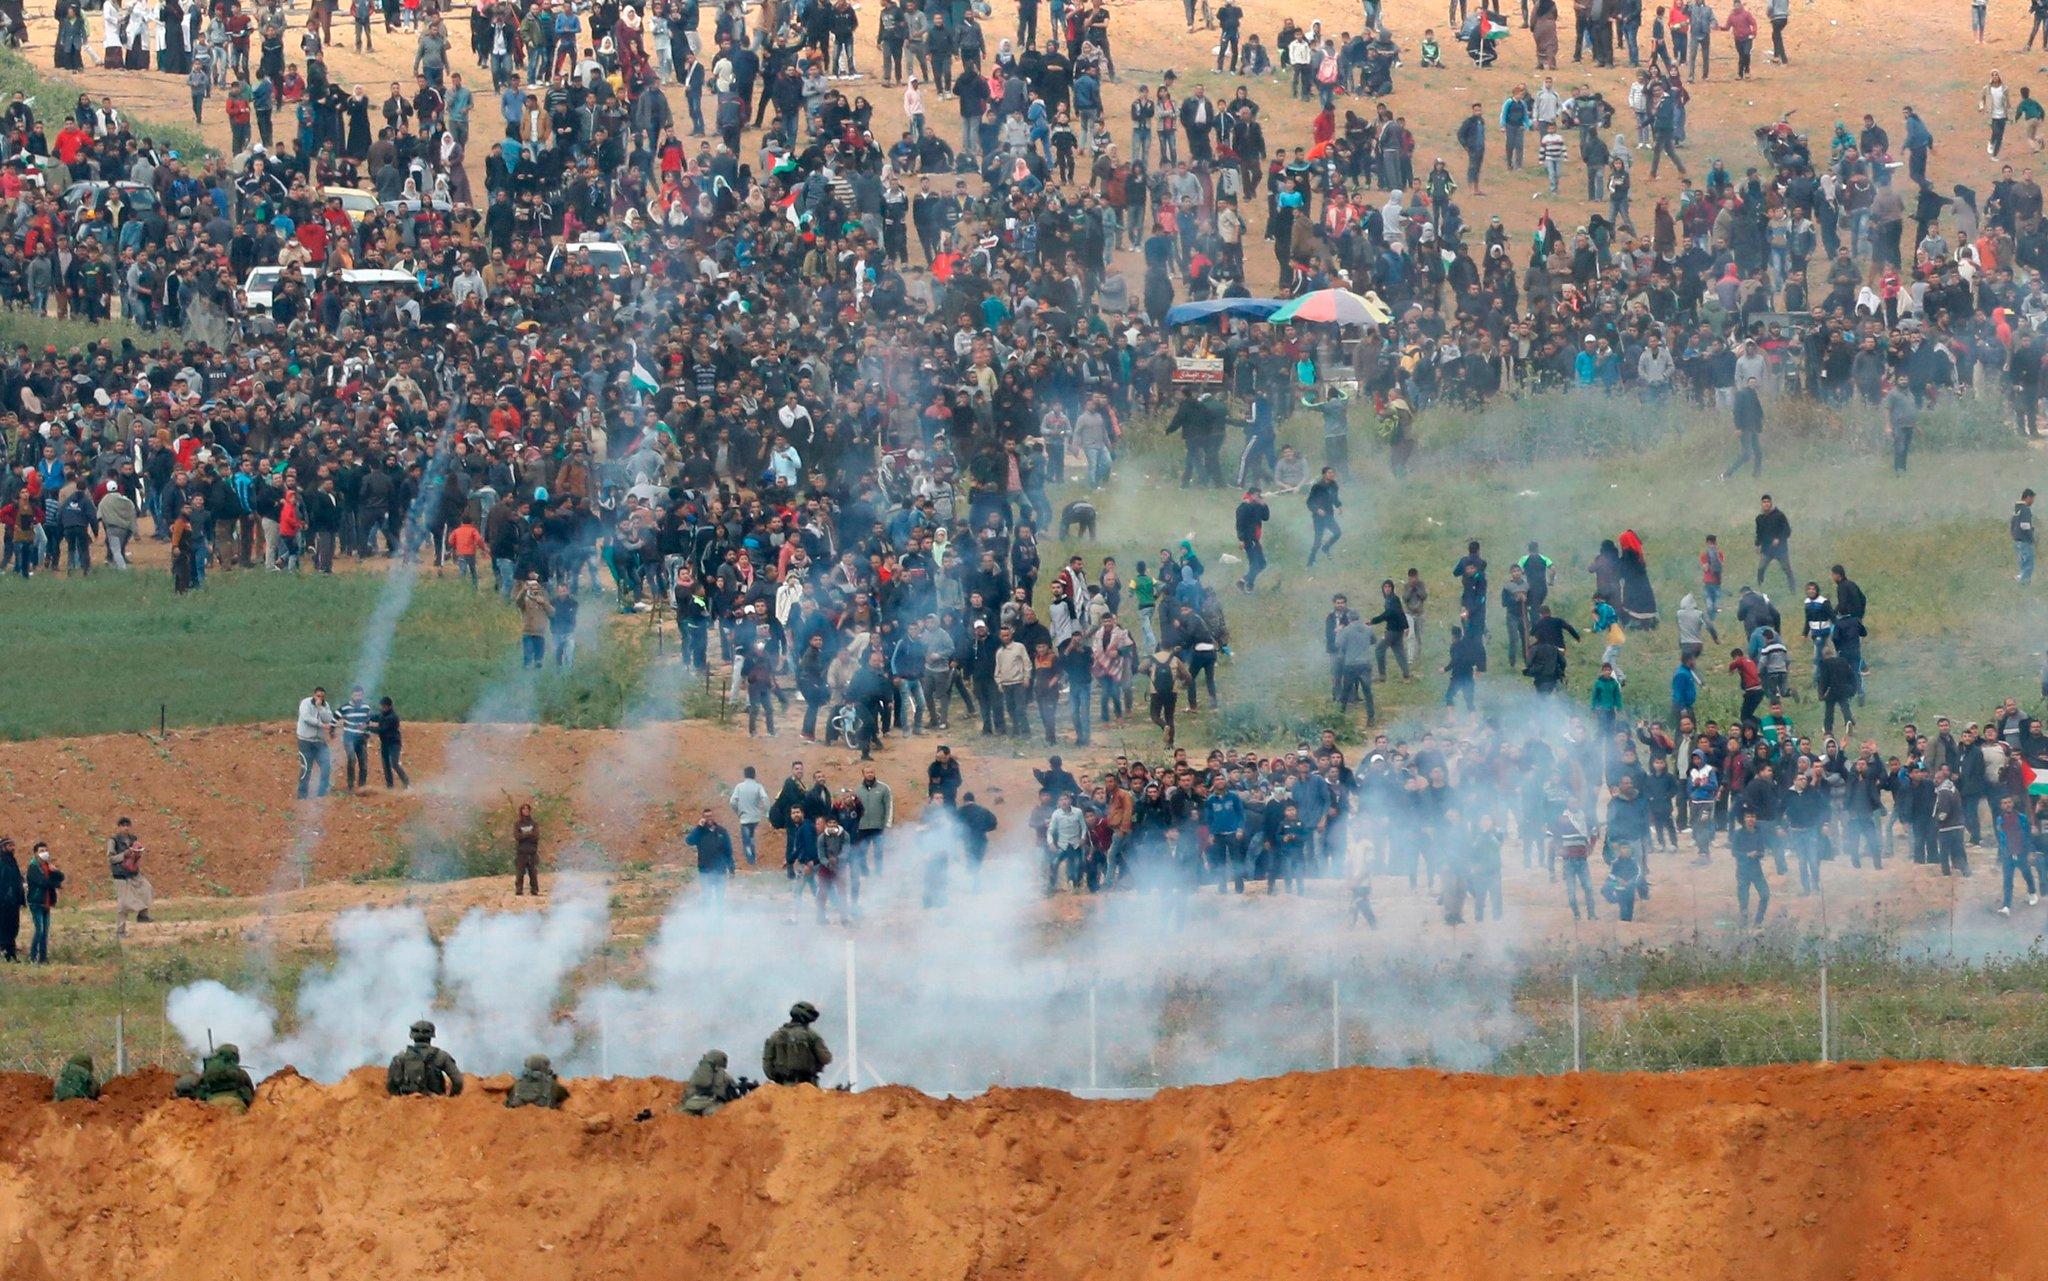 ¿Israel hizo uso desproporcionado de la fuerza en Gaza para proteger la valla? – Por Embajador Alan Baker